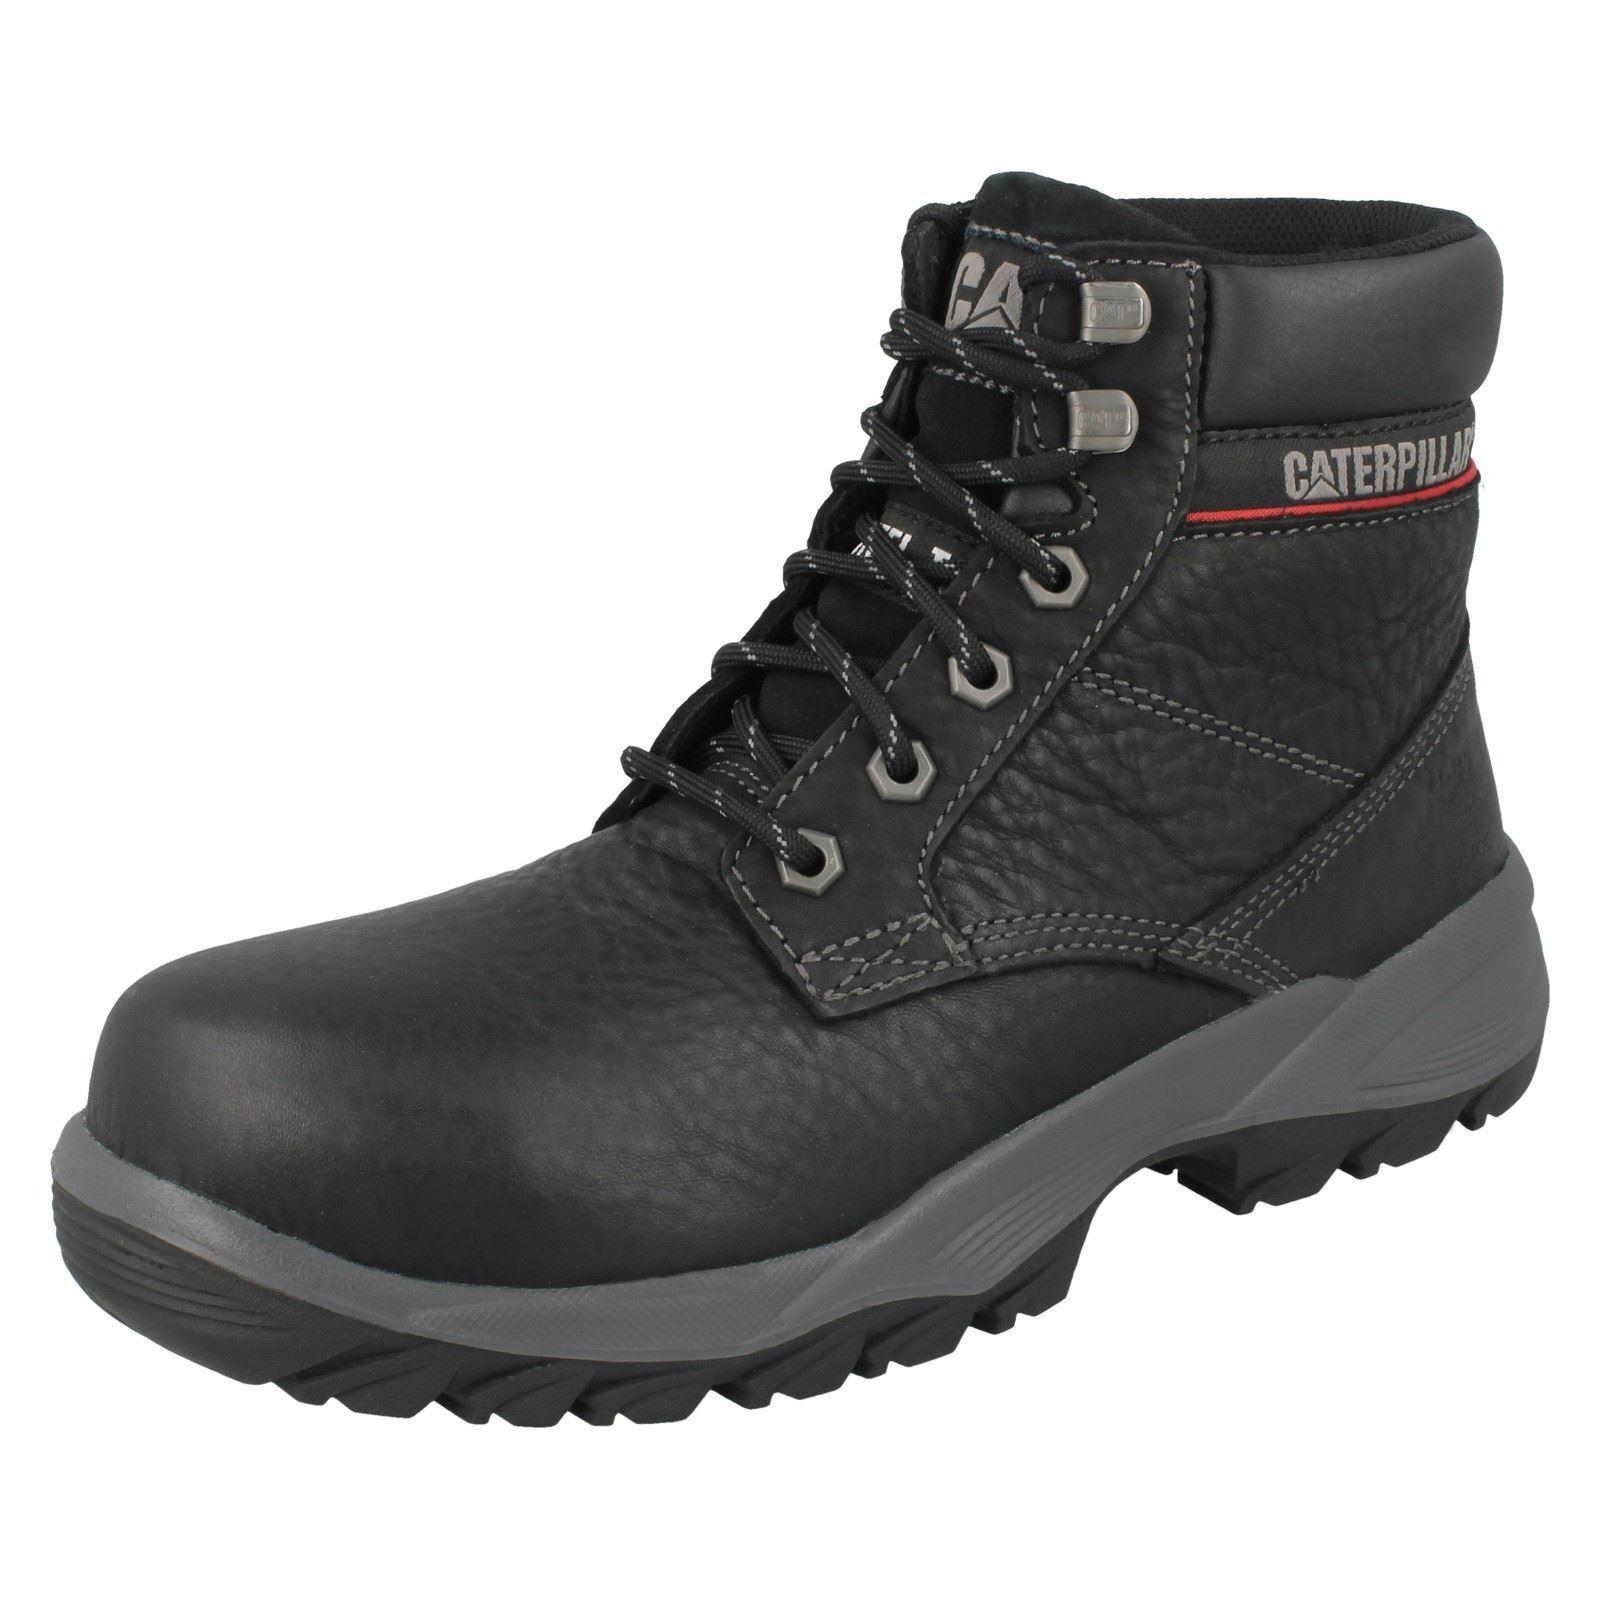 Zapatos especiales con descuento Mujer Caterpillar Botas Puntera de acero dryverse p306996